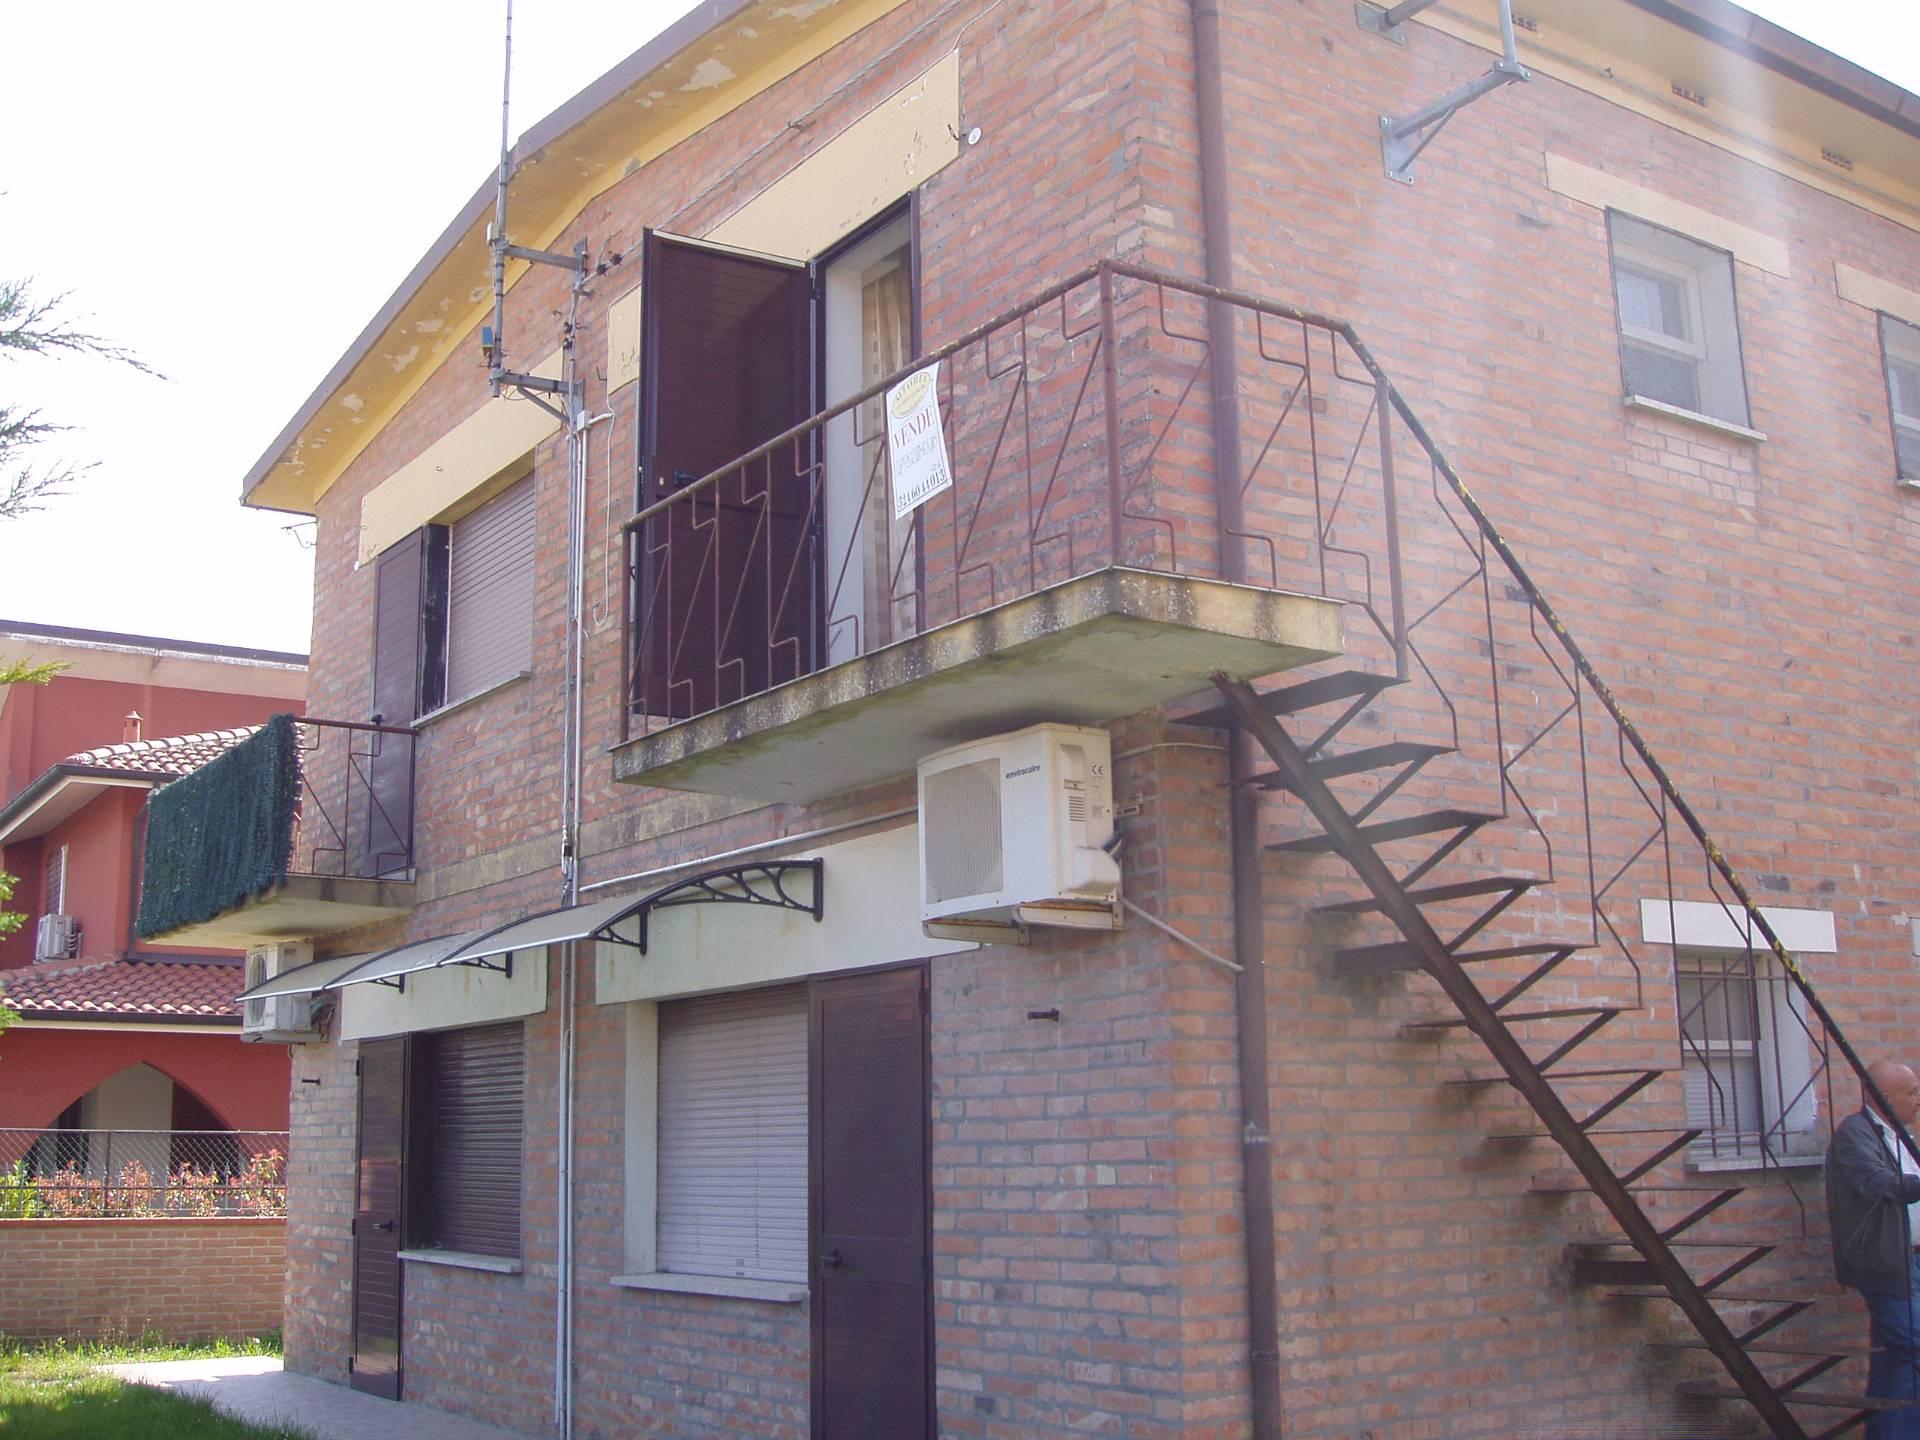 Appartamento in vendita a Comacchio, 1 locali, zona Località: LidodiPomposa, prezzo € 45.000 | CambioCasa.it